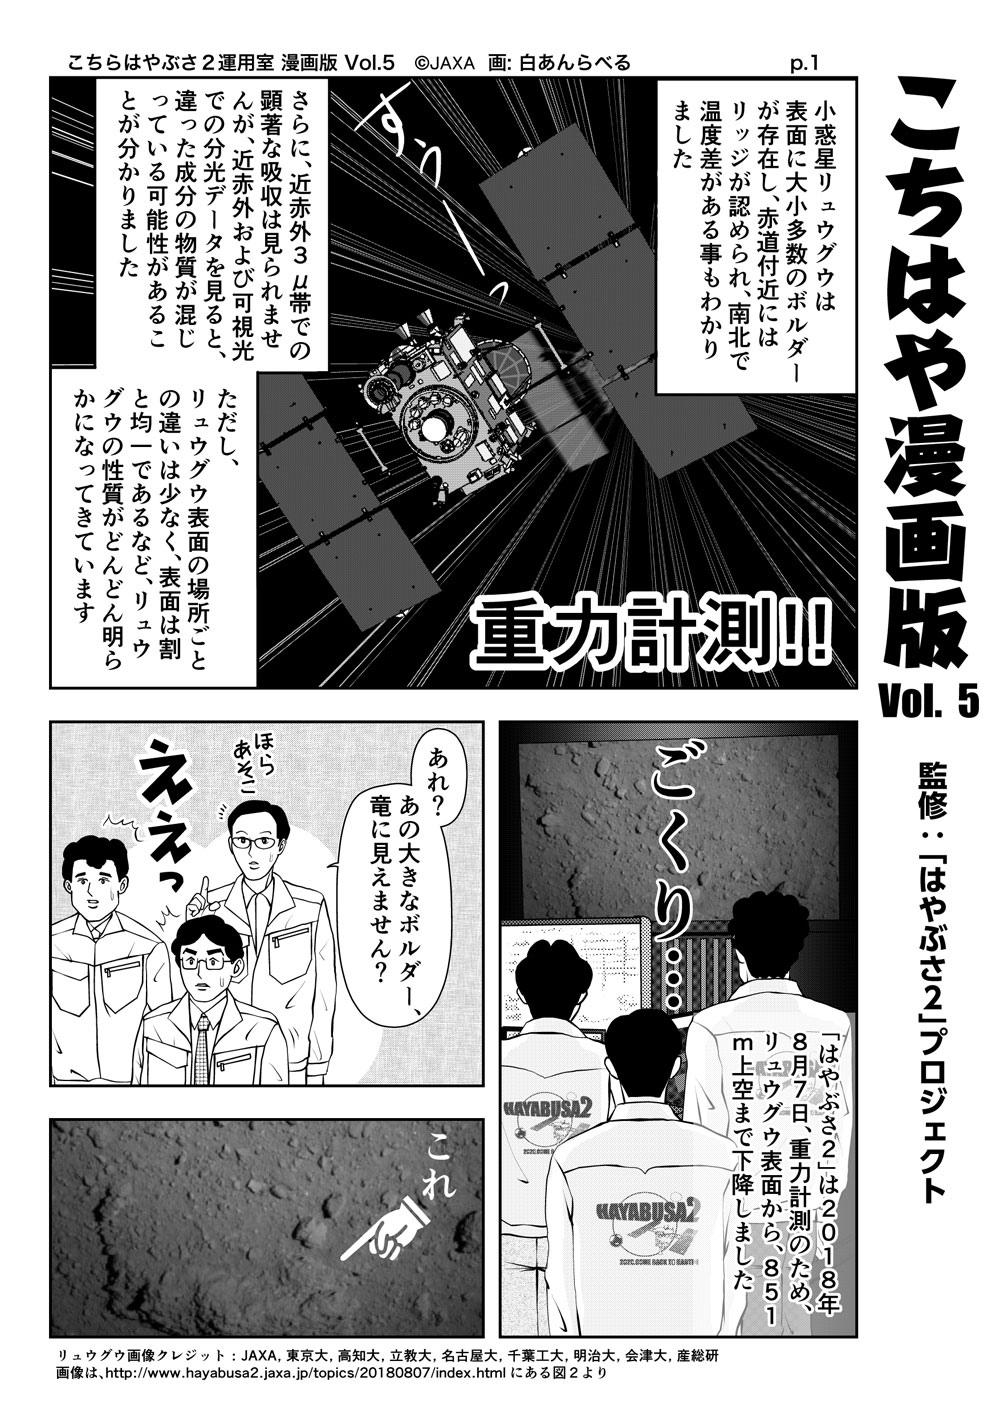 comic05_1.jpg